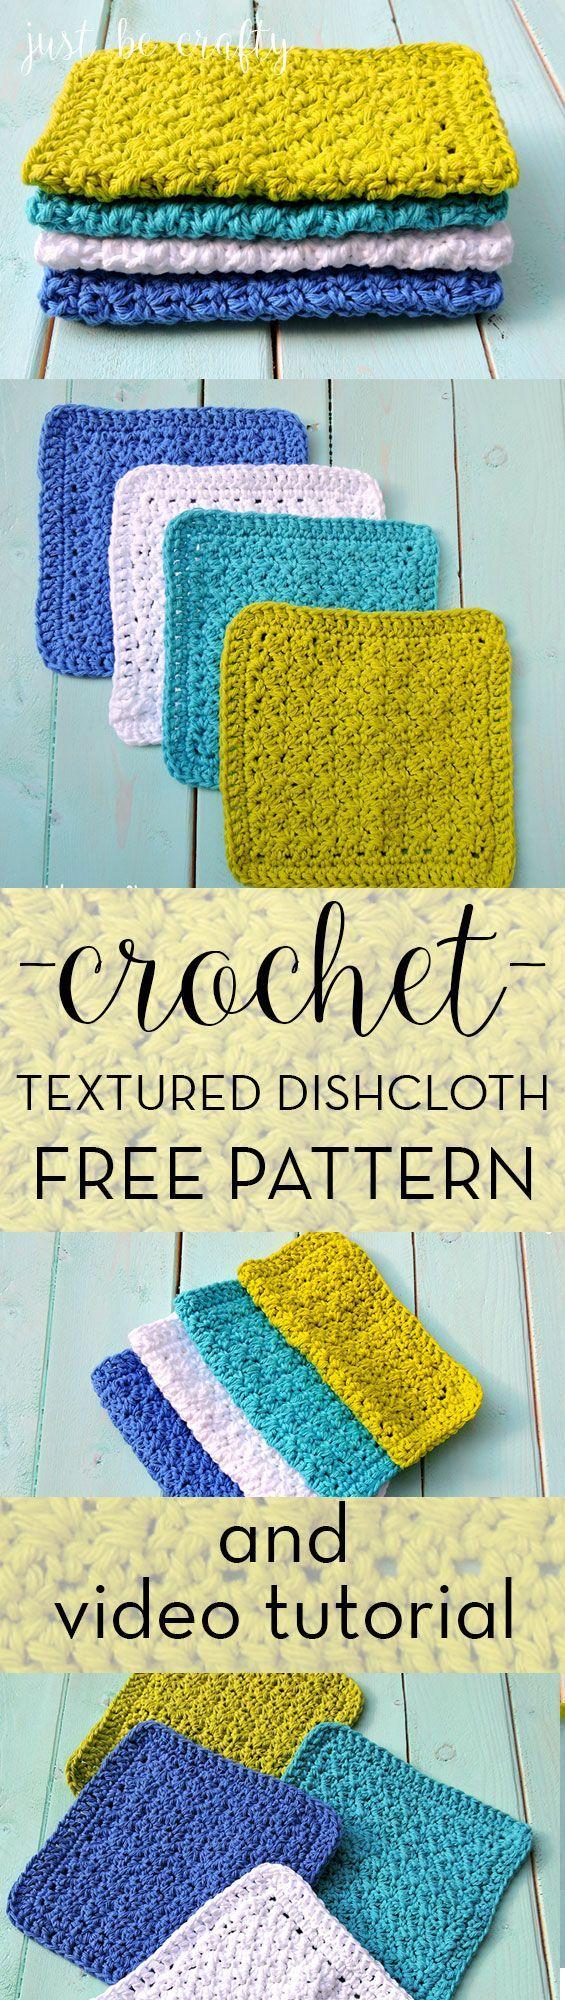 Perfect Stricken Dishcloth Frei Muster Photo - Decke Stricken Muster ...